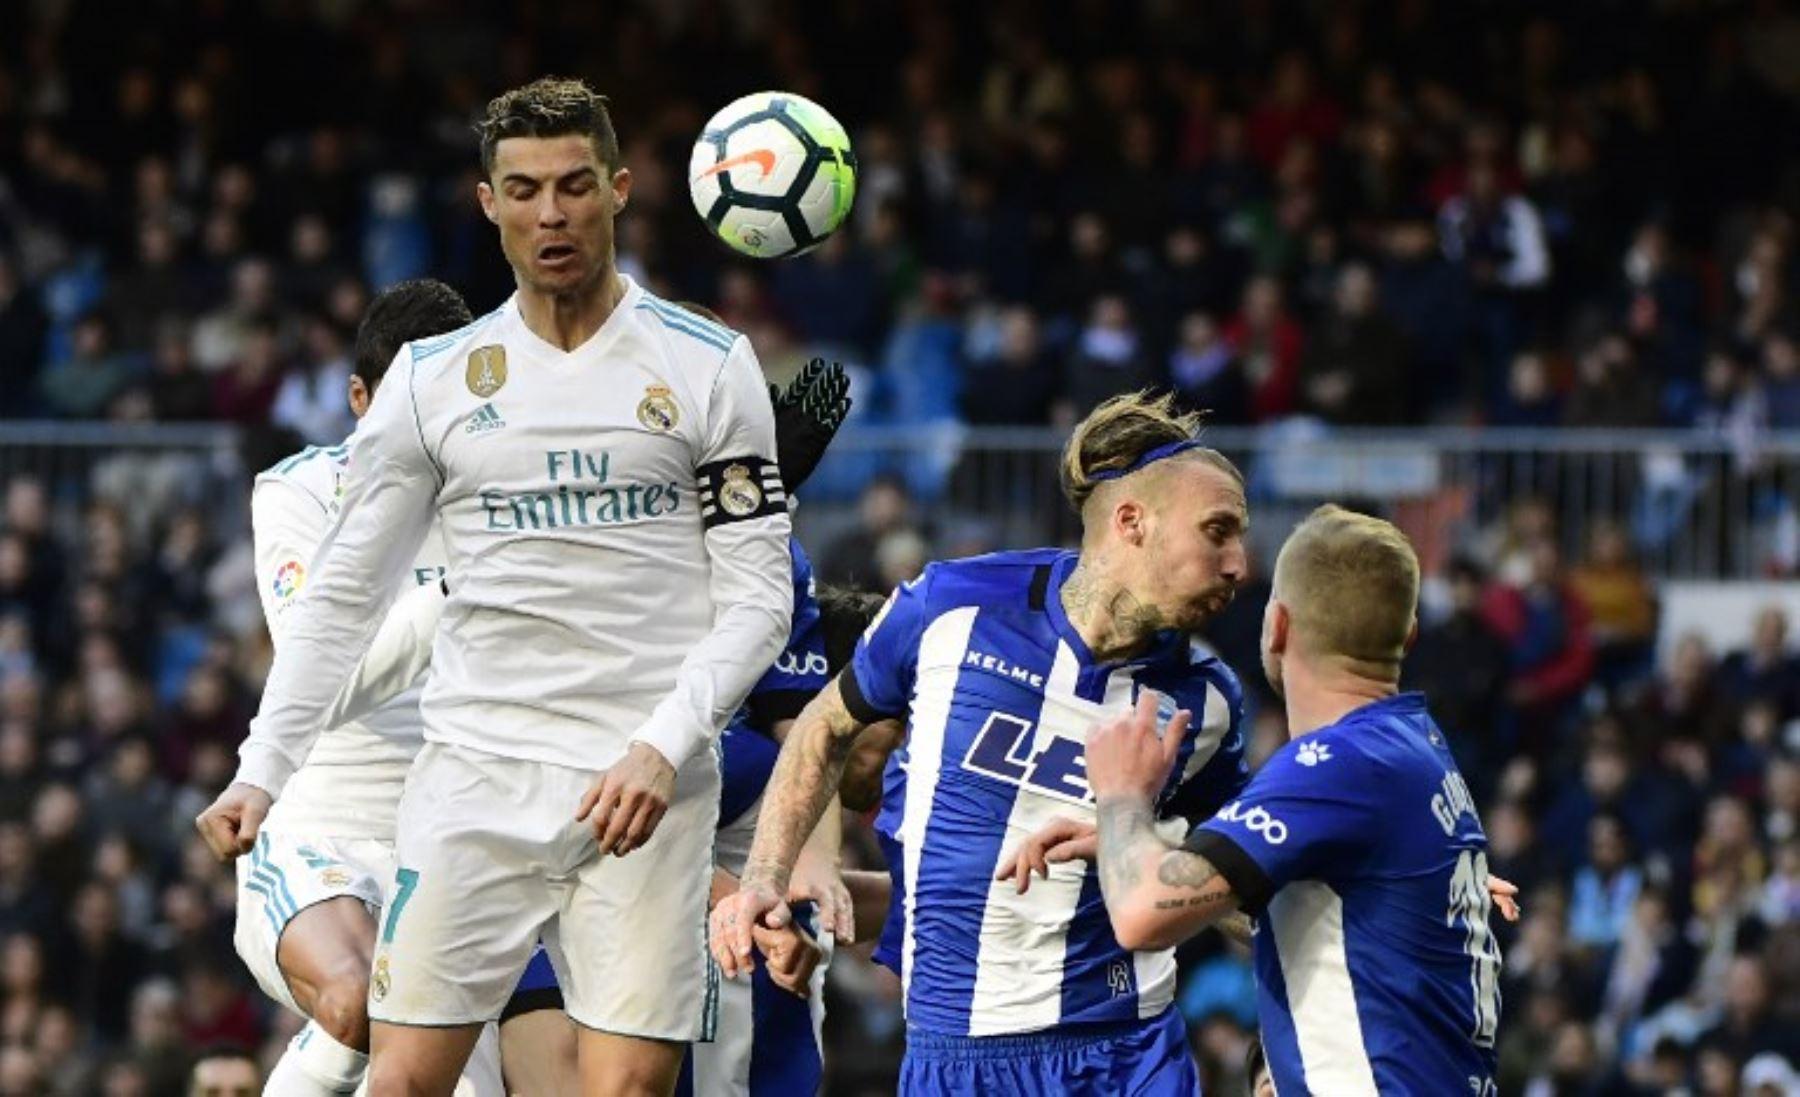 Cristiano Ronaldo y el defensor español del Alavés Alexis Ruano saltán durante el partido en el  el Real Madrid CF gano 4 a 0 al Deportivo Alavés en el estadio Santiago Bernabéu de Madrid.Foto:AFP